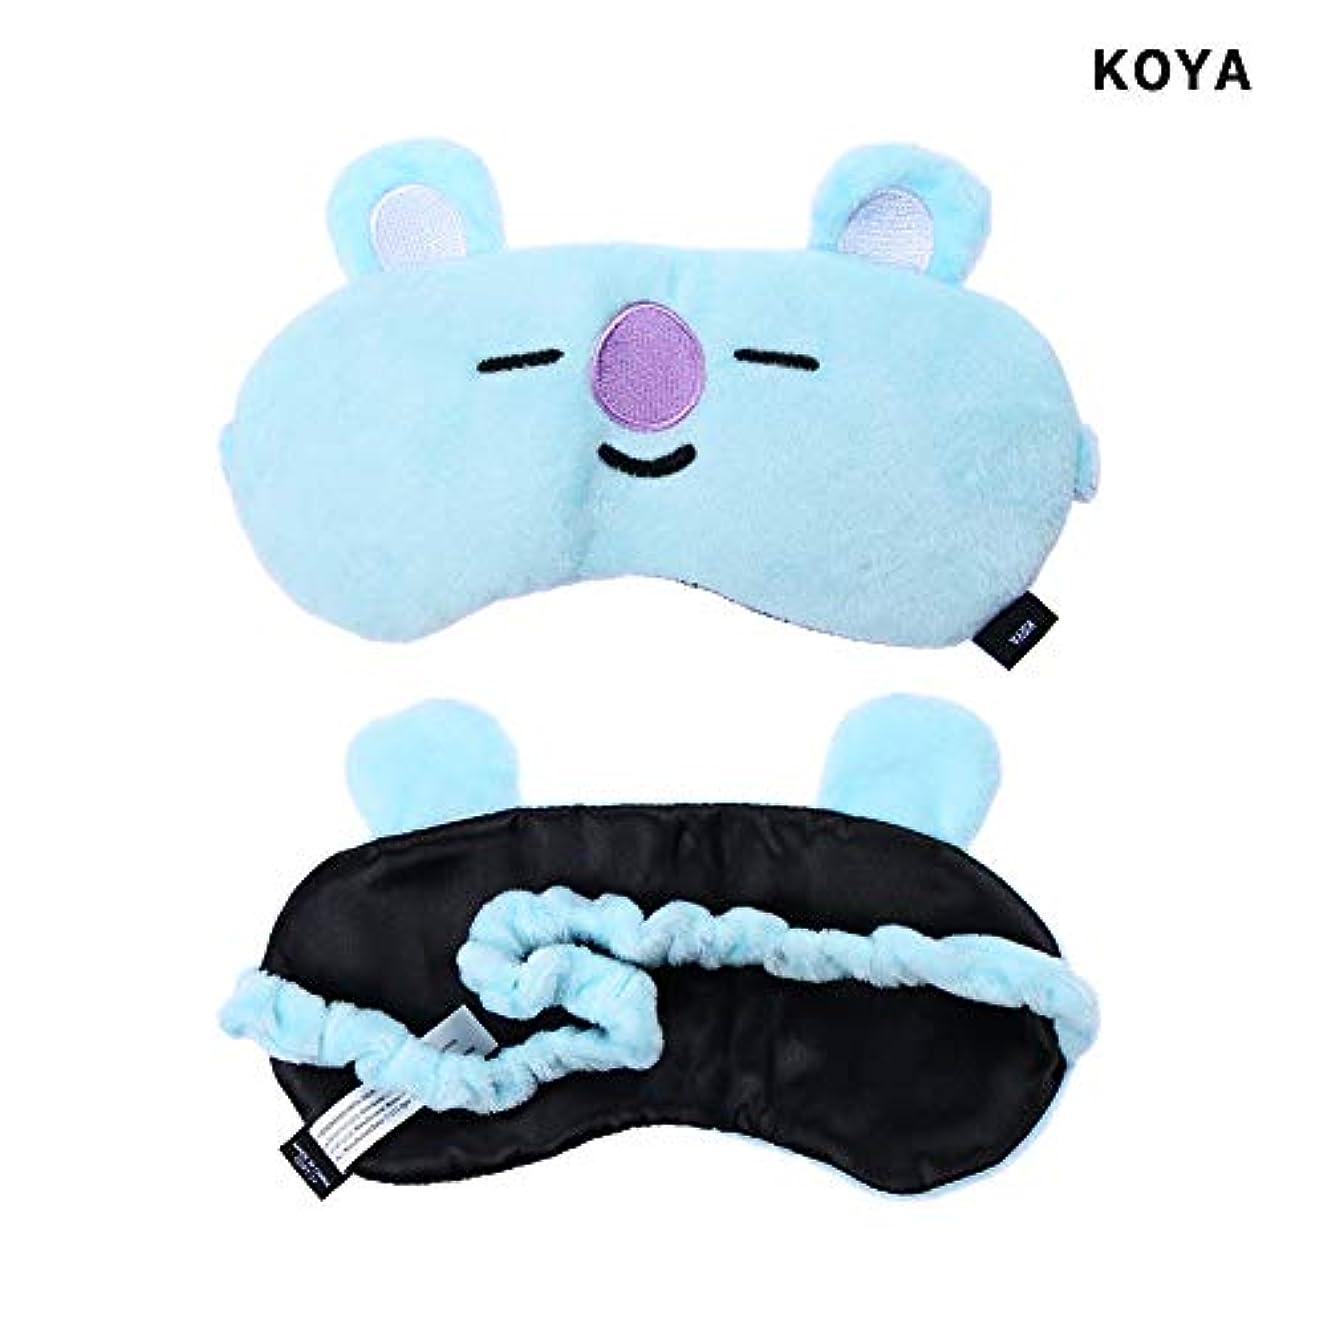 ローブ確保する修正NOTE かわいいアイマスクK-POP BTSバンタンボーイズレストスリープマスクBT21スガタタチミーRJクッキーアイシェードアイマスクパッチ睡眠ケアツール